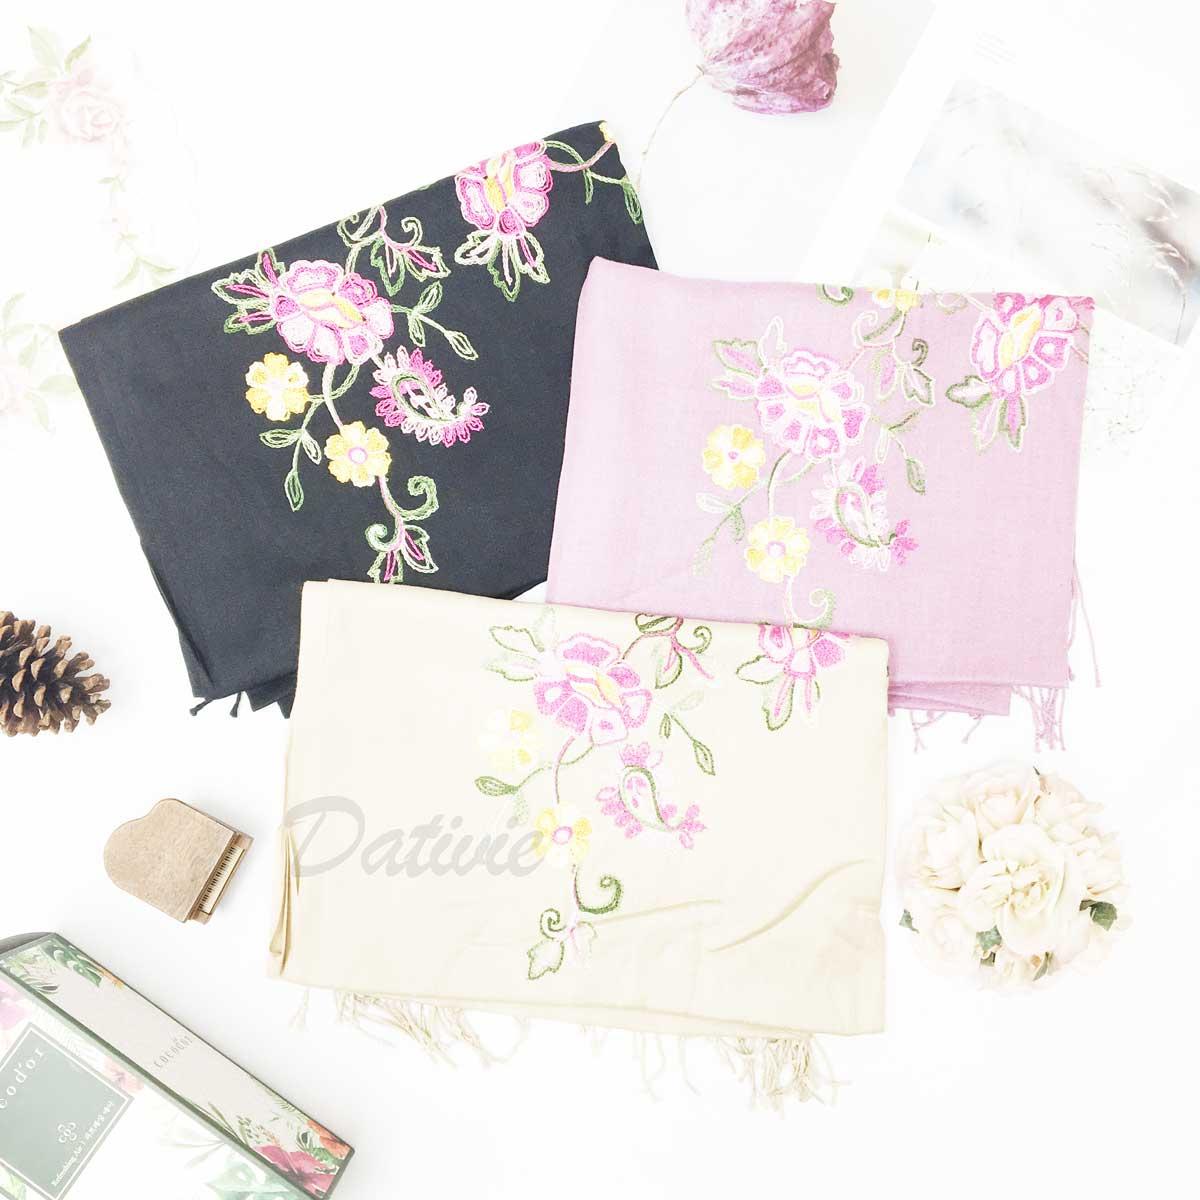 薄圍巾 刺繡 花朵 葉子 繽紛 古典 氣質 流蘇 保暖 披肩 圍巾